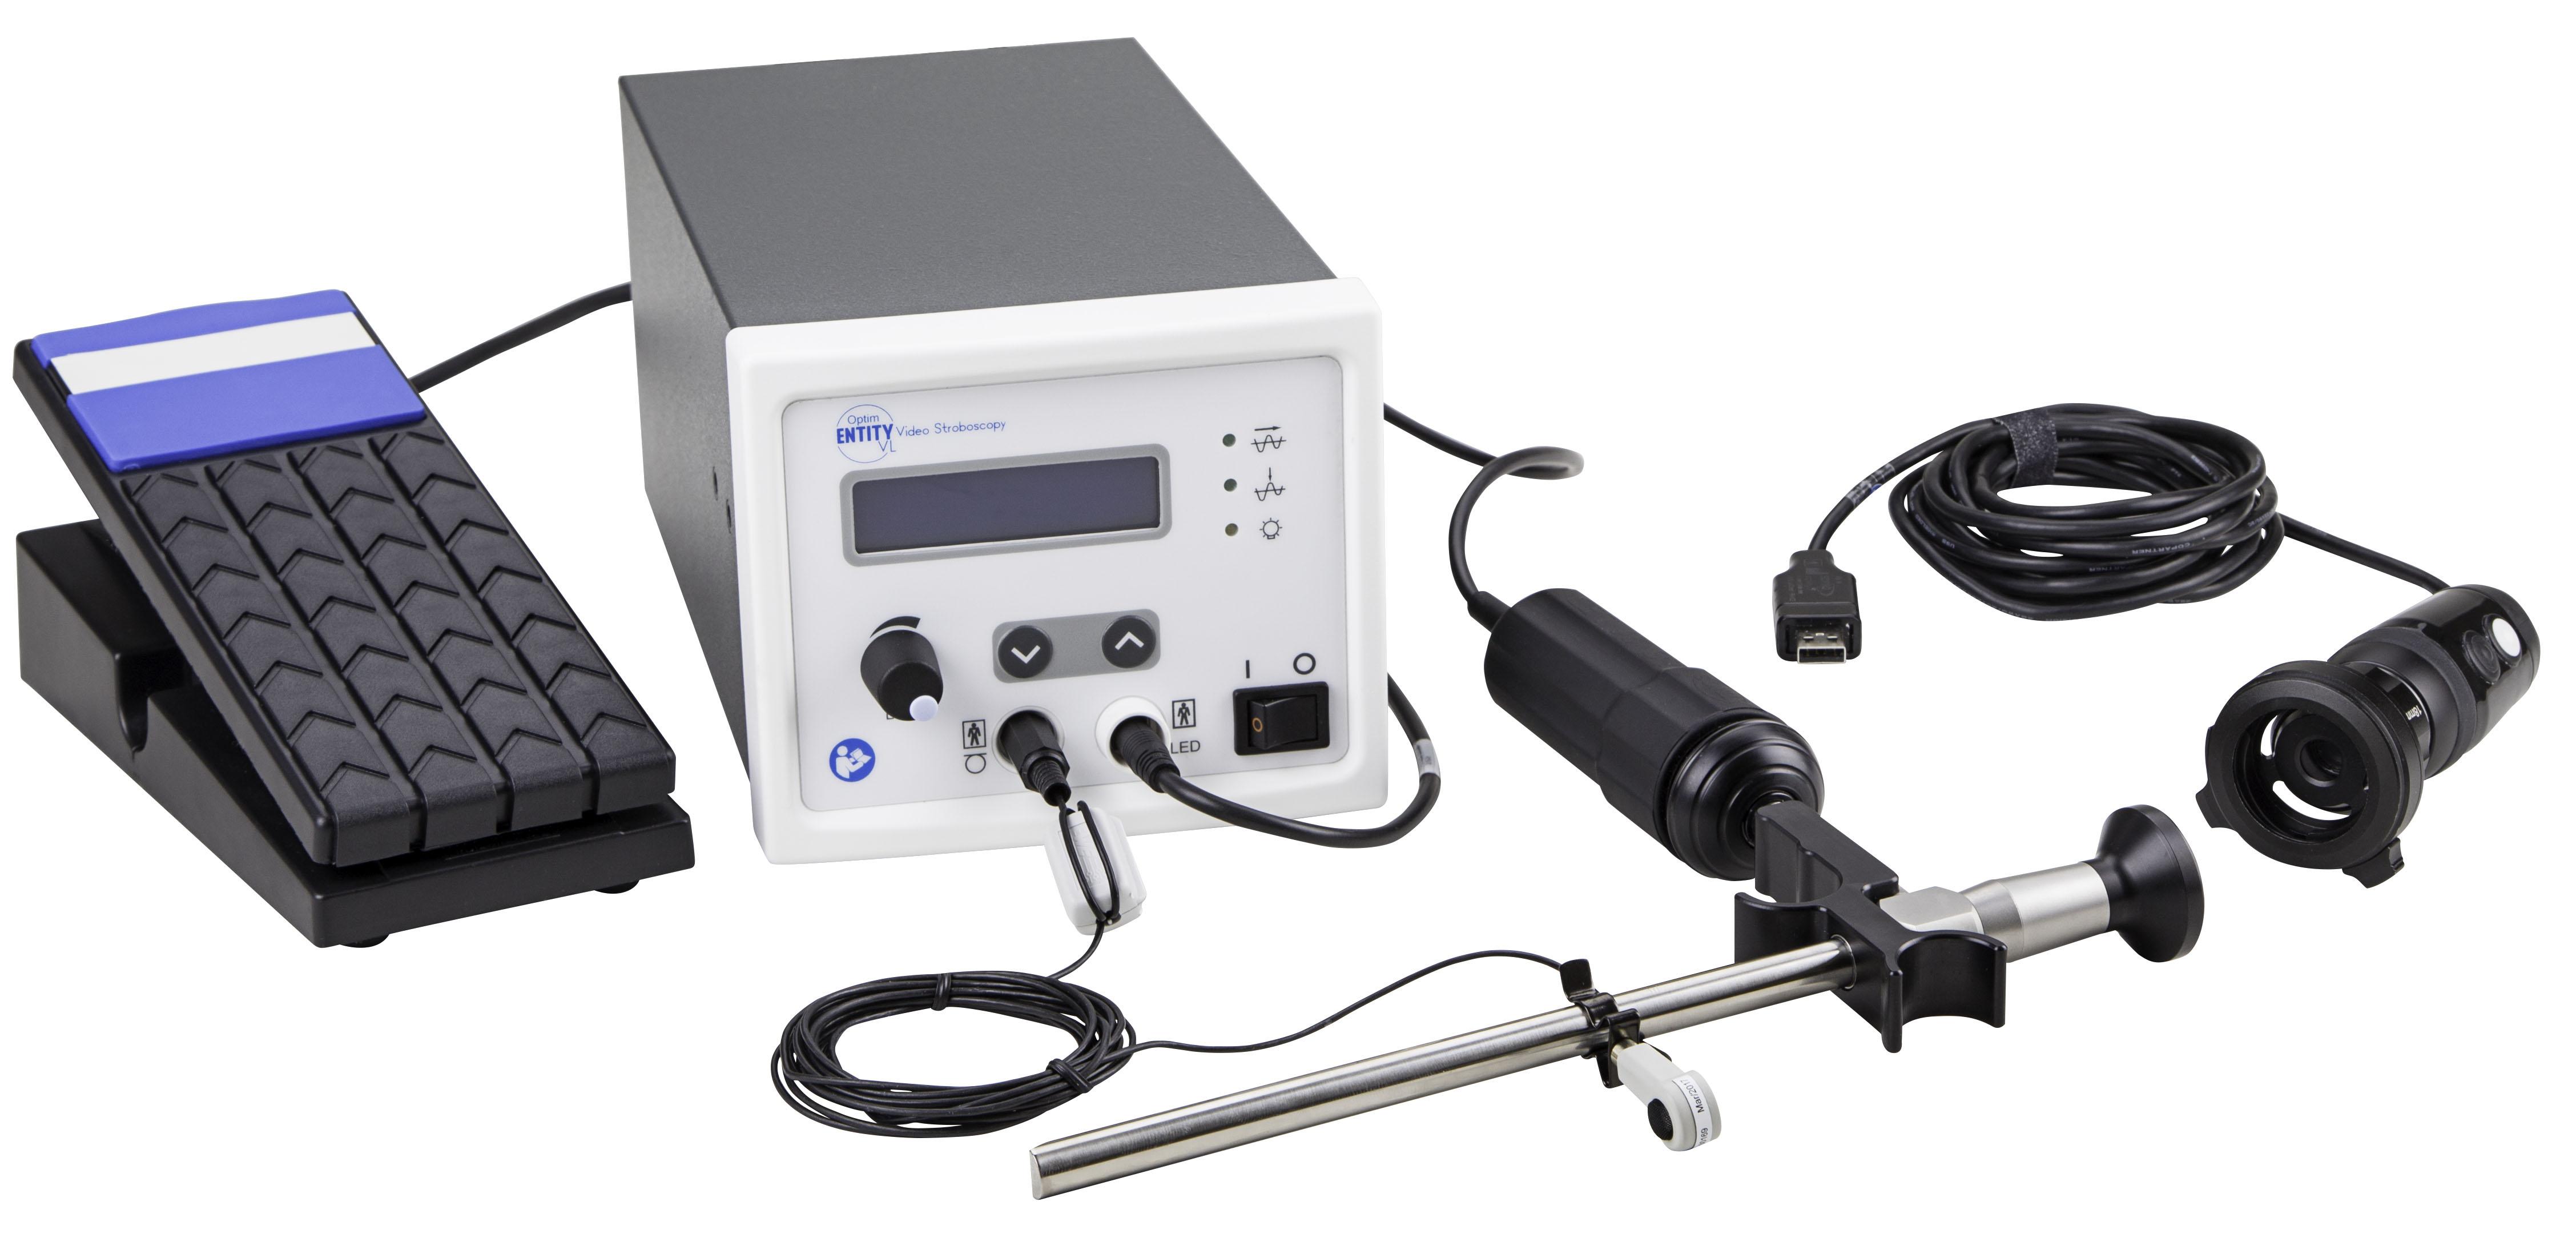 Analyse du marché du système de stroboscopie vidéo numérique avec rapport de recherche 2021 à 2026 – Le Courrier